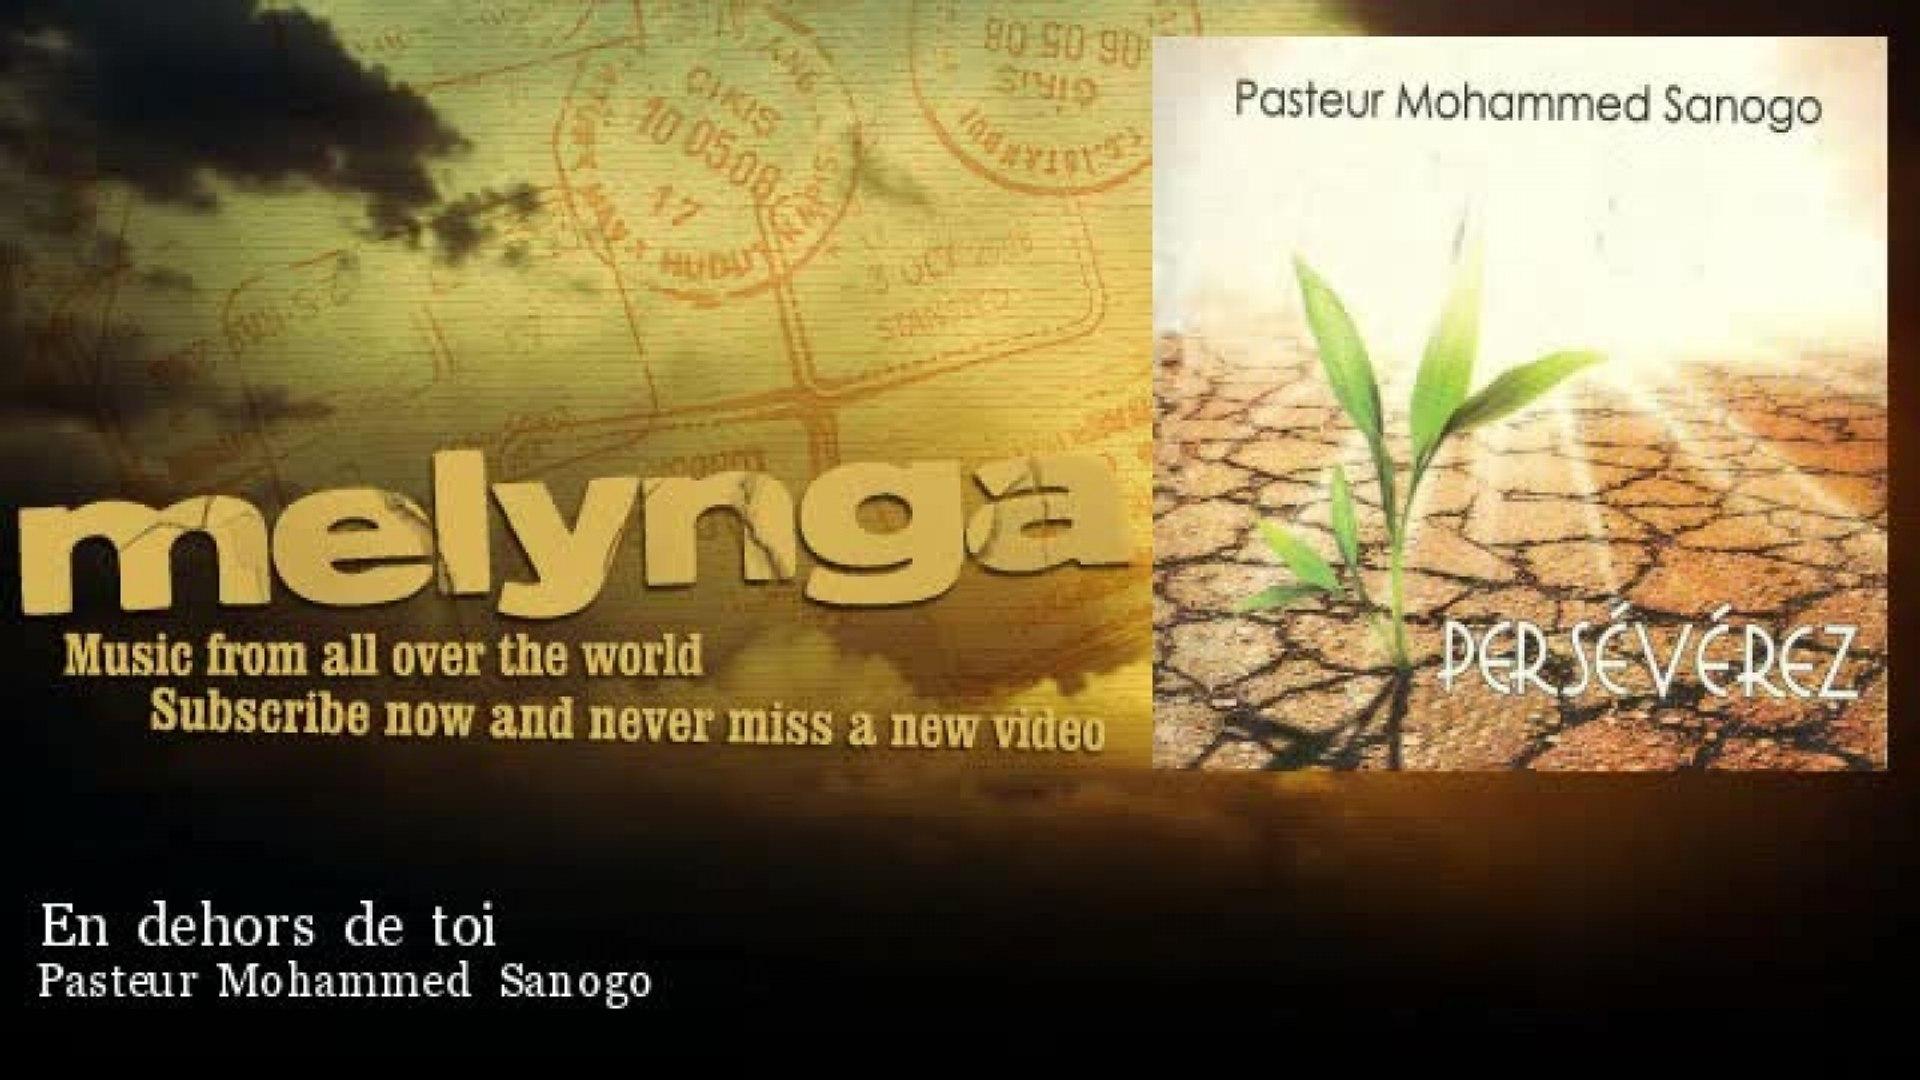 Pasteur Mohammed Sanogo - En dehors de toi